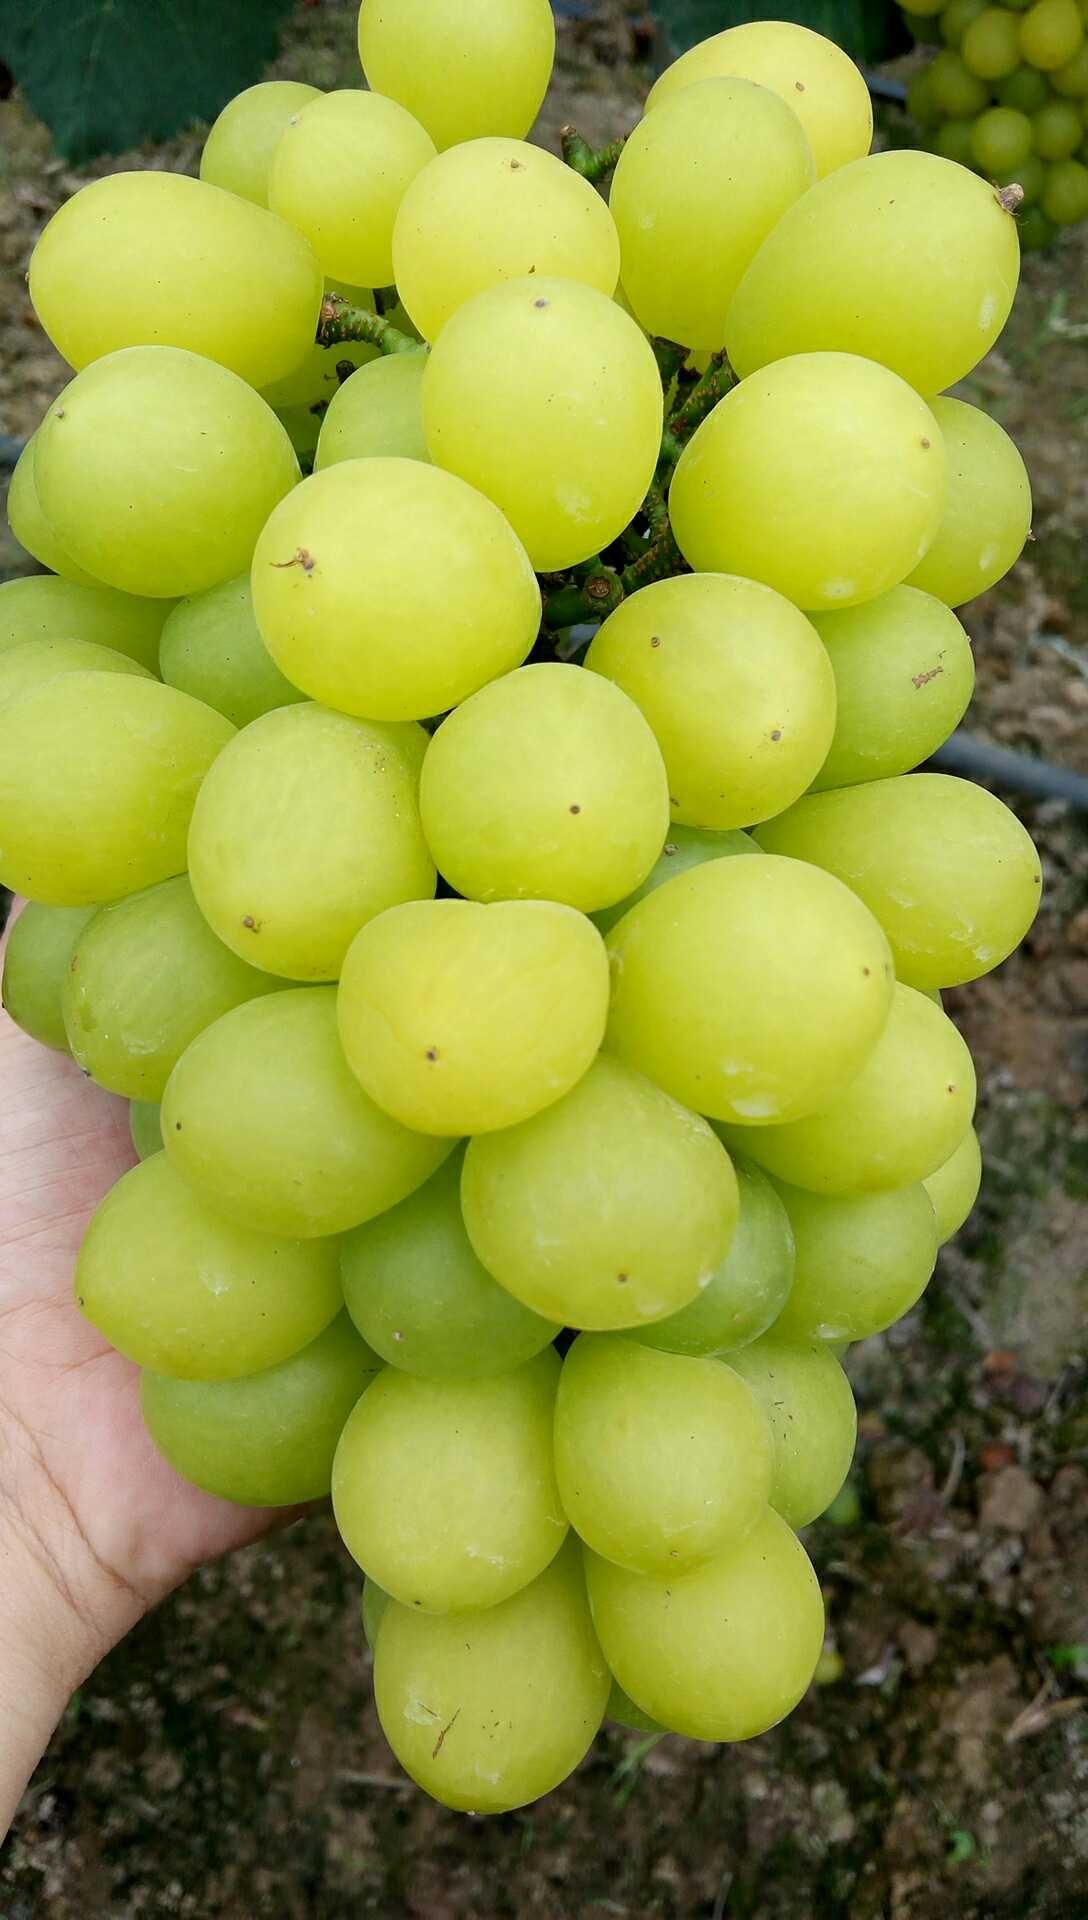 马陆奶油葡萄多少钱一斤